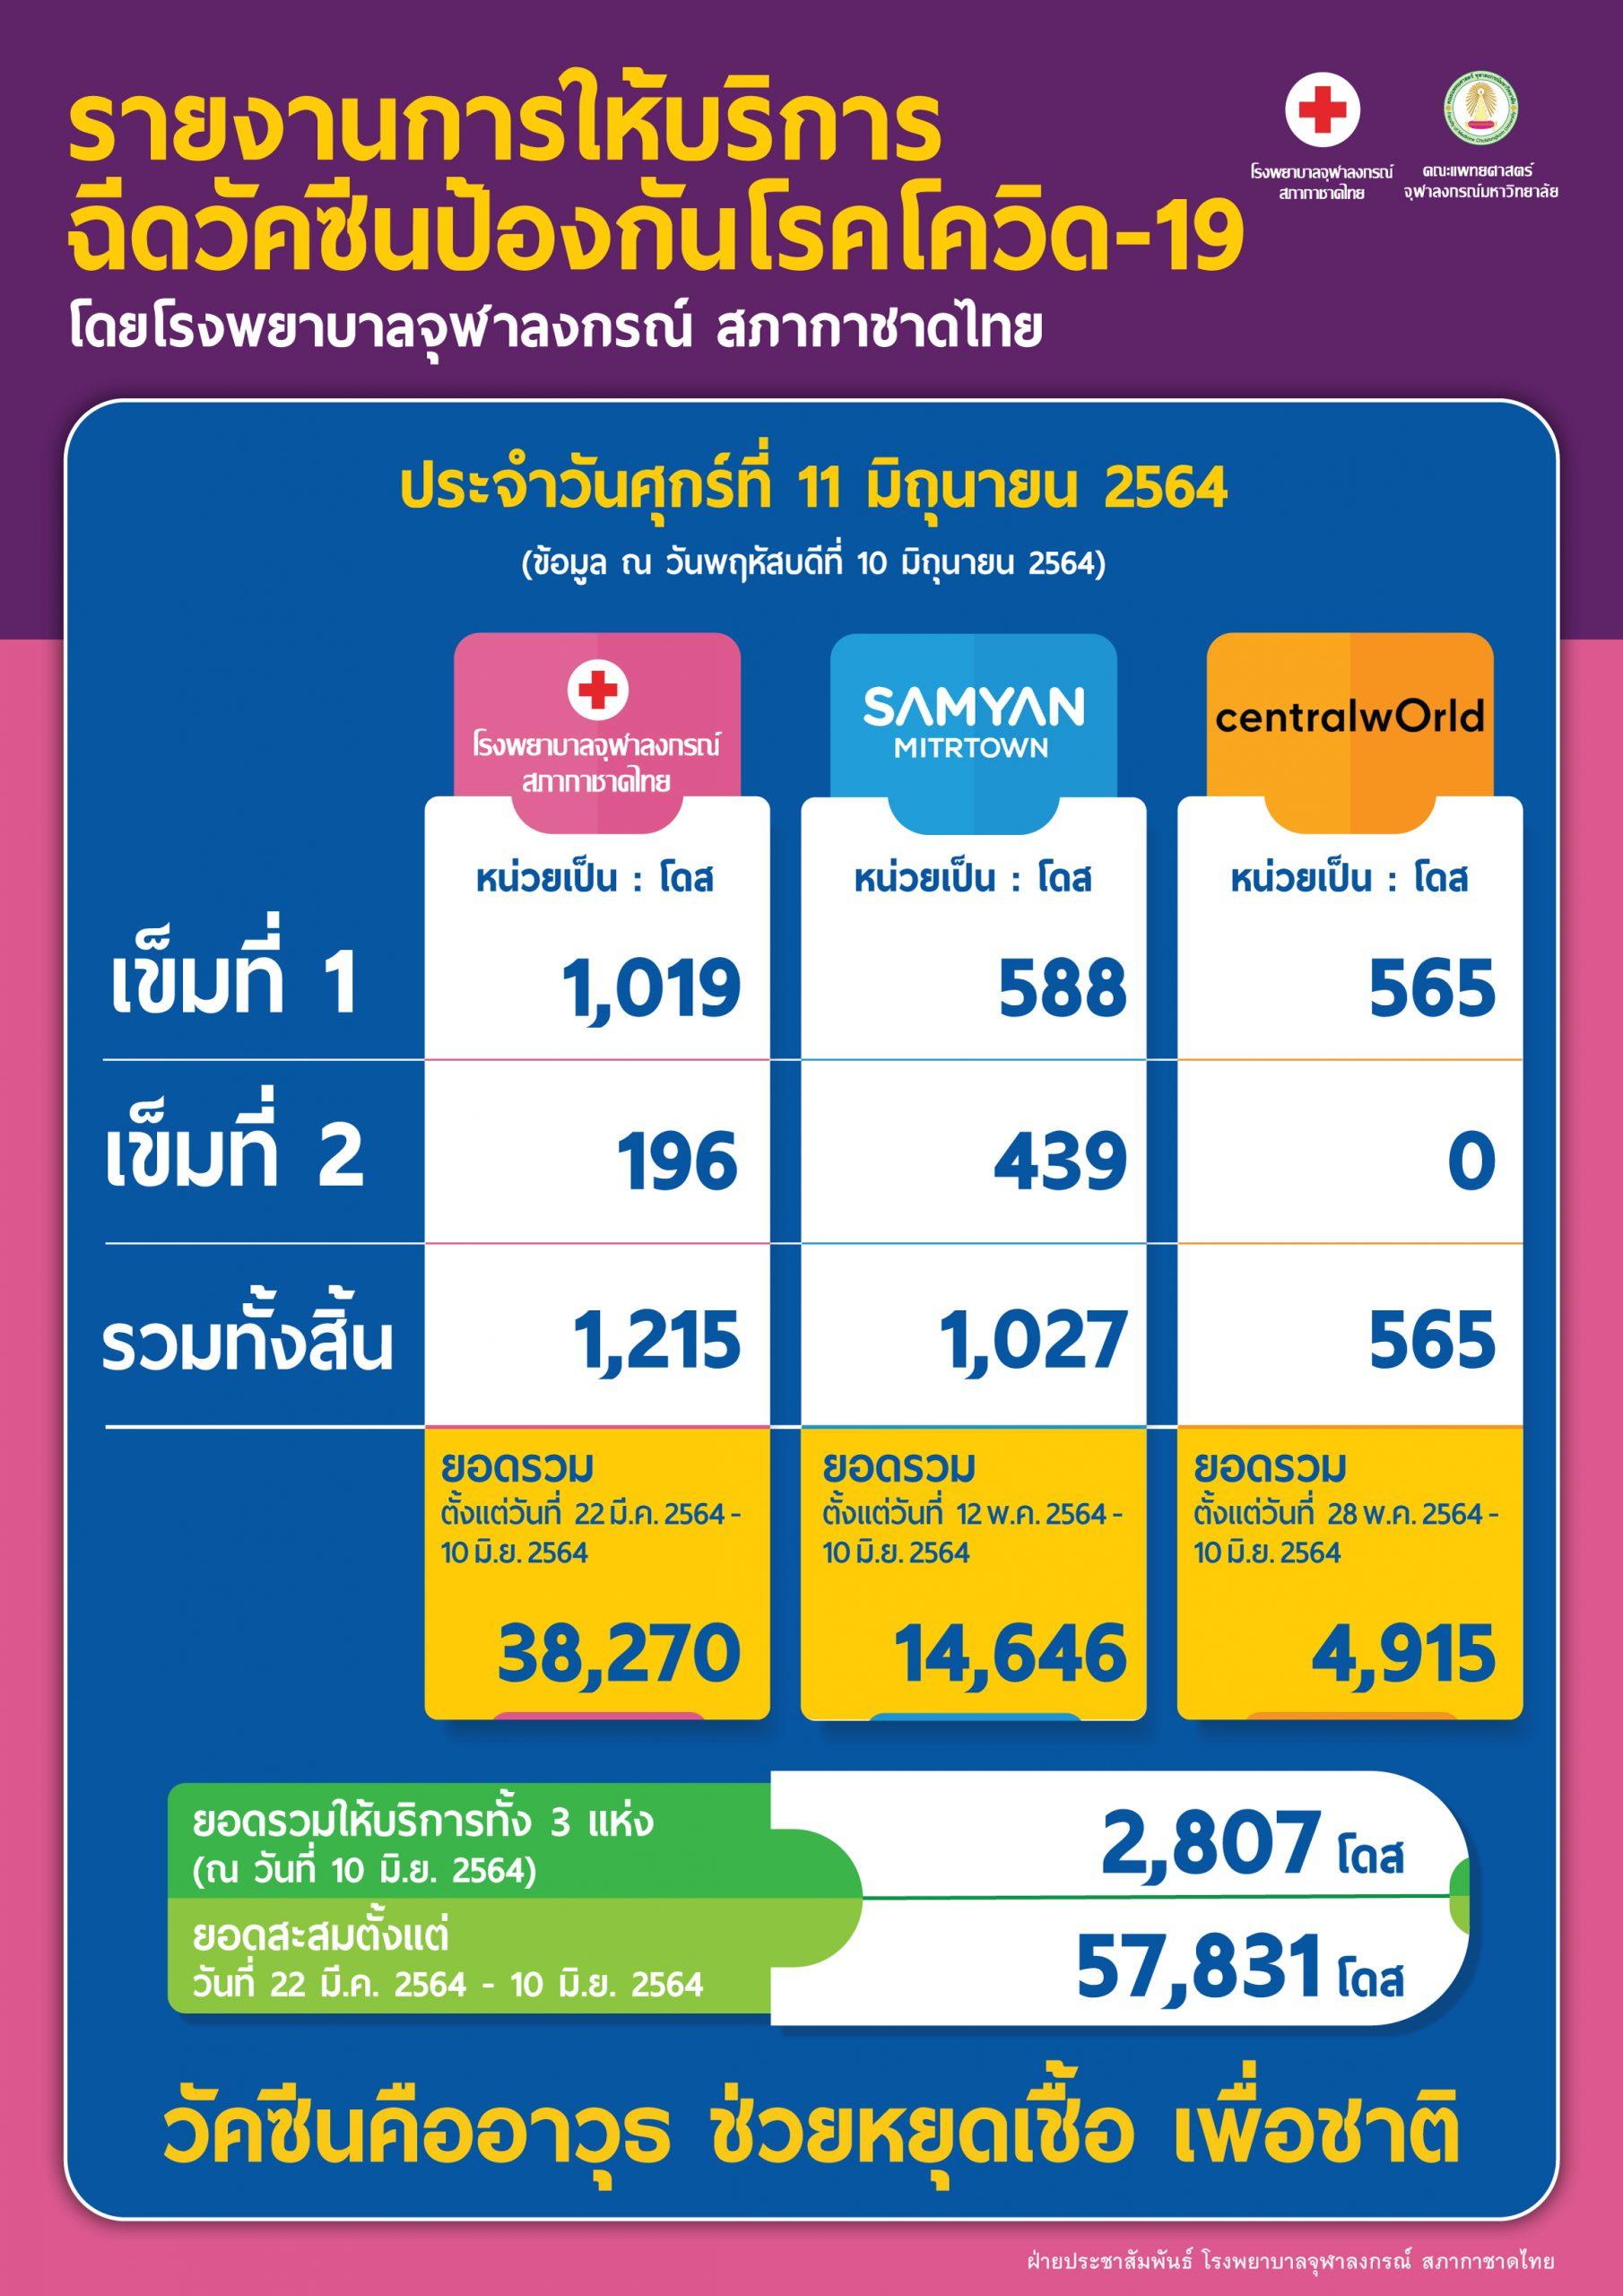 รายงานการให้บริการฉีดวัคซีนป้องกันโรคโควิด-19 โดยโรงพยาบาลจุฬาลงกรณ์ สภากาชาดไทย ประจำวันศุกร์ที่ 11 มิถุนายน 2564